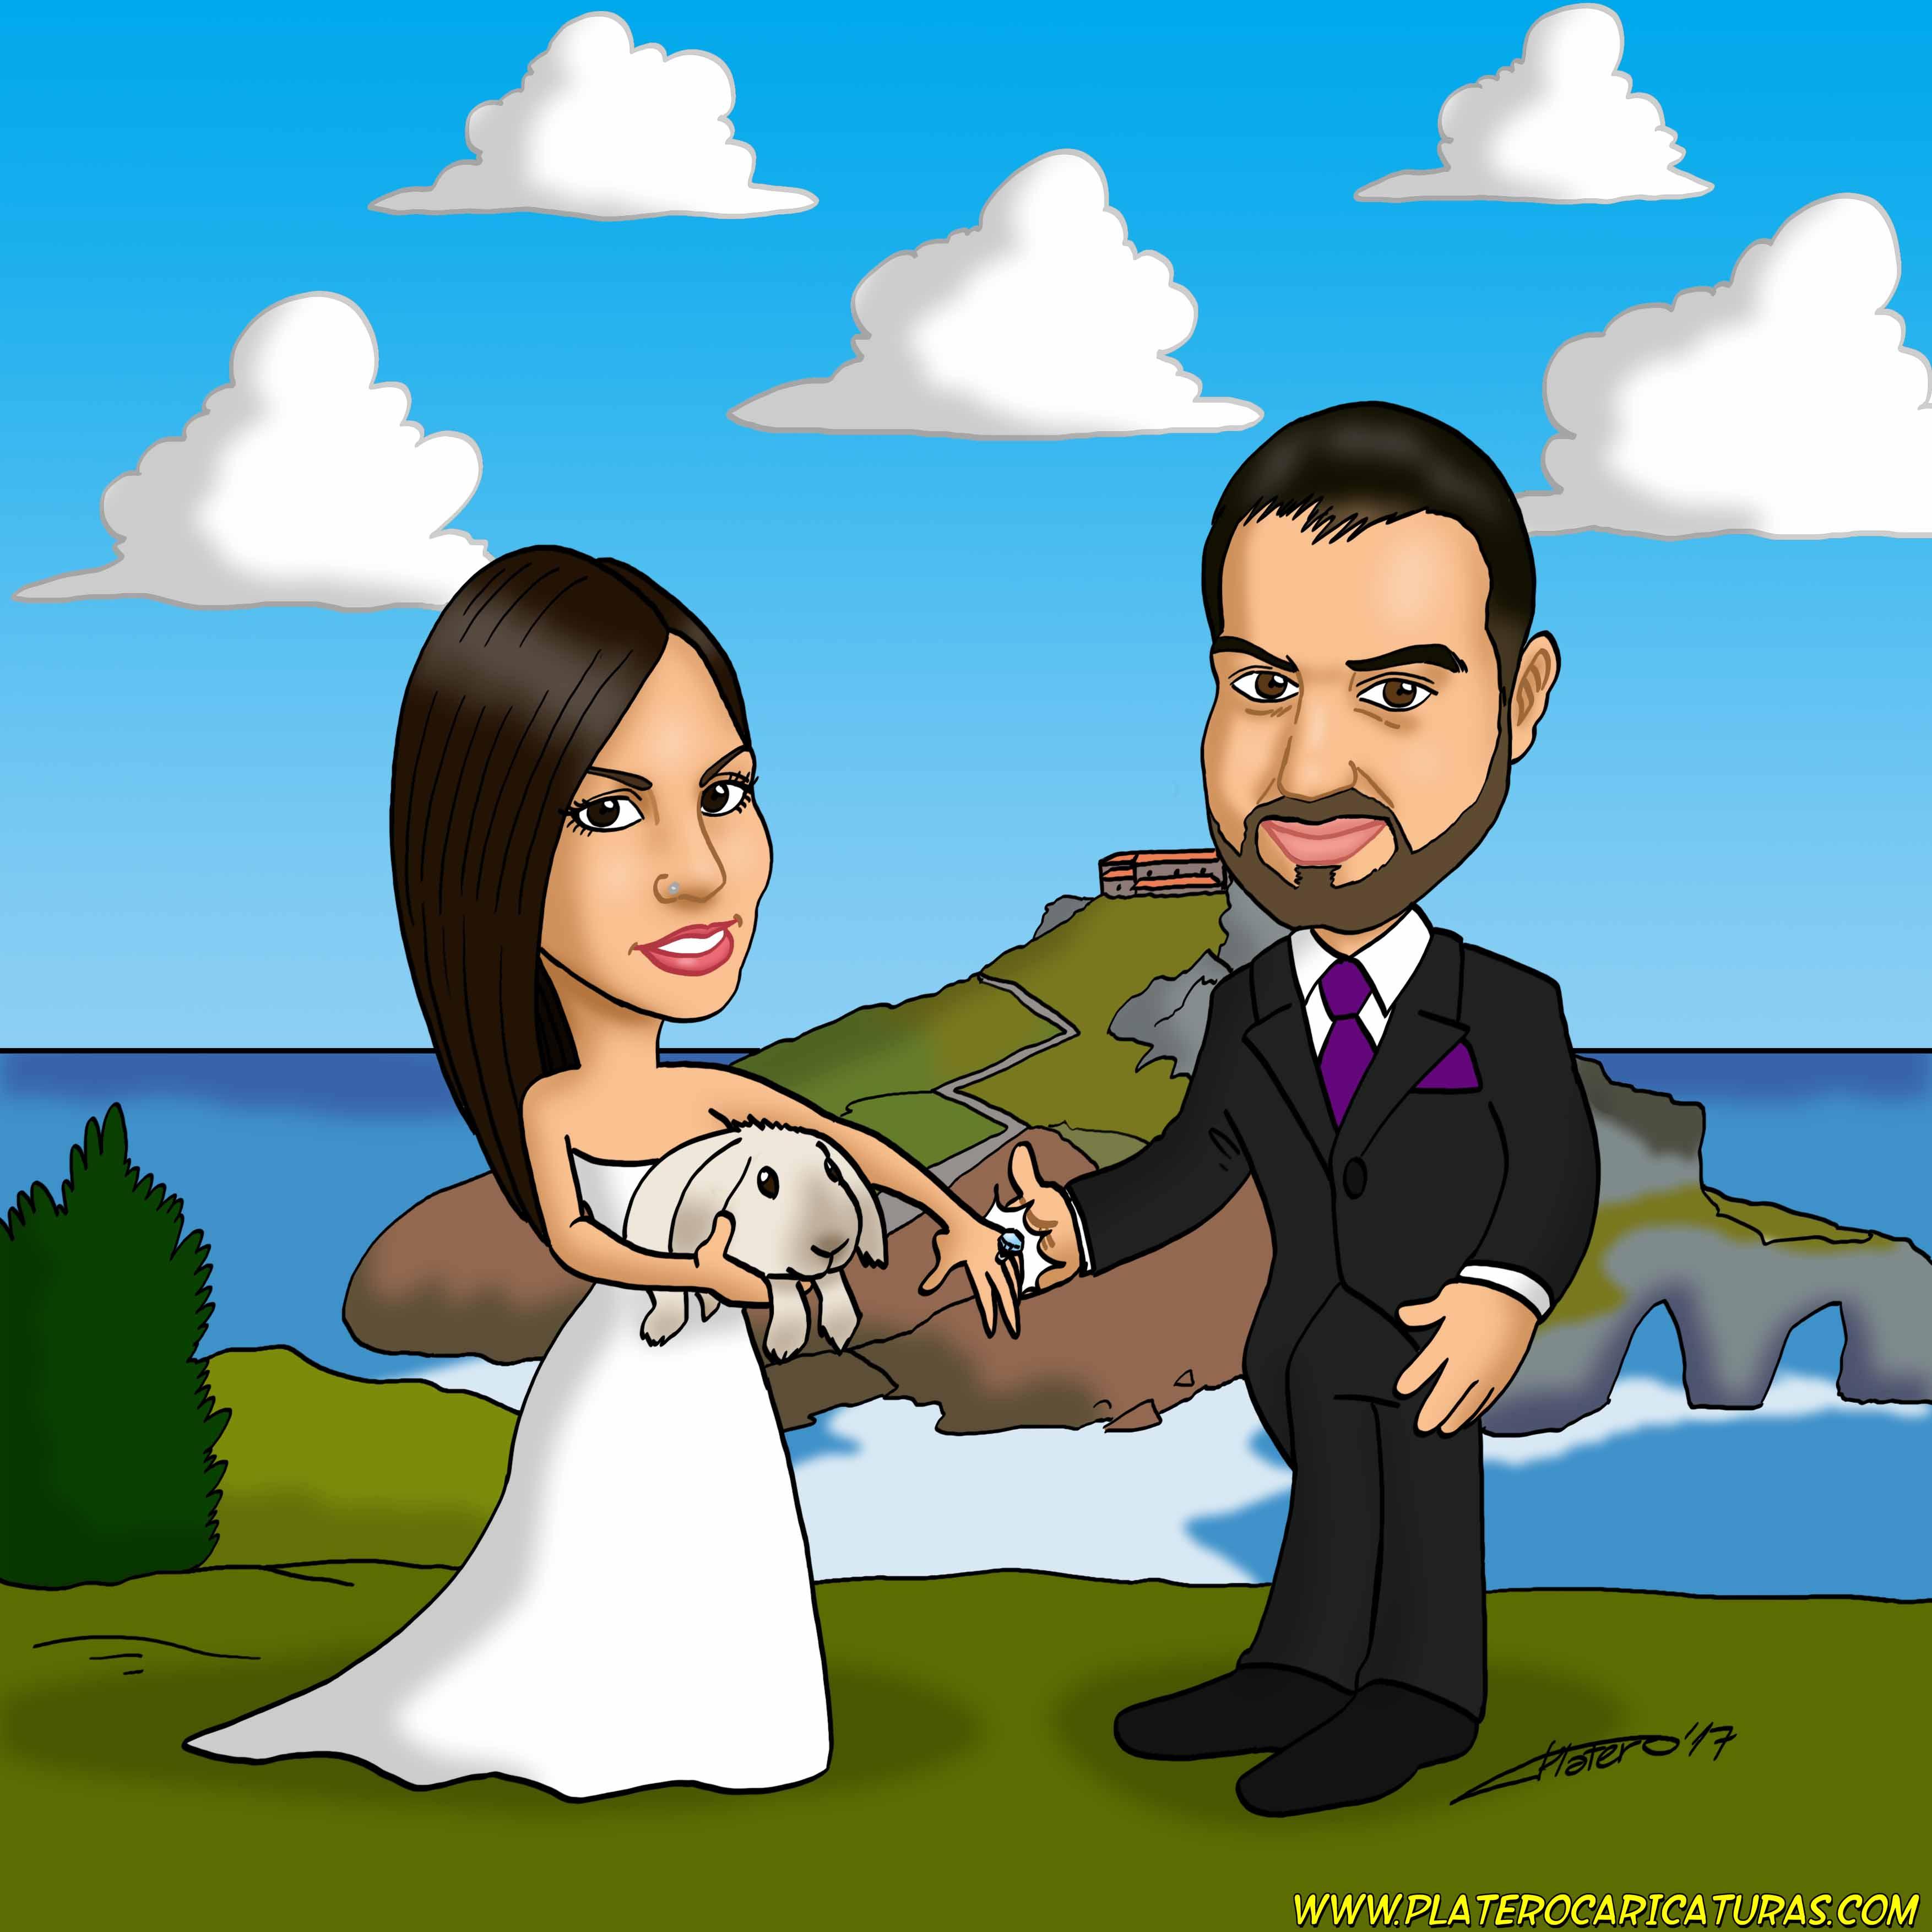 caricaturas_por_encargo_novios_boda_pareja con conejo_platerocaricaturas